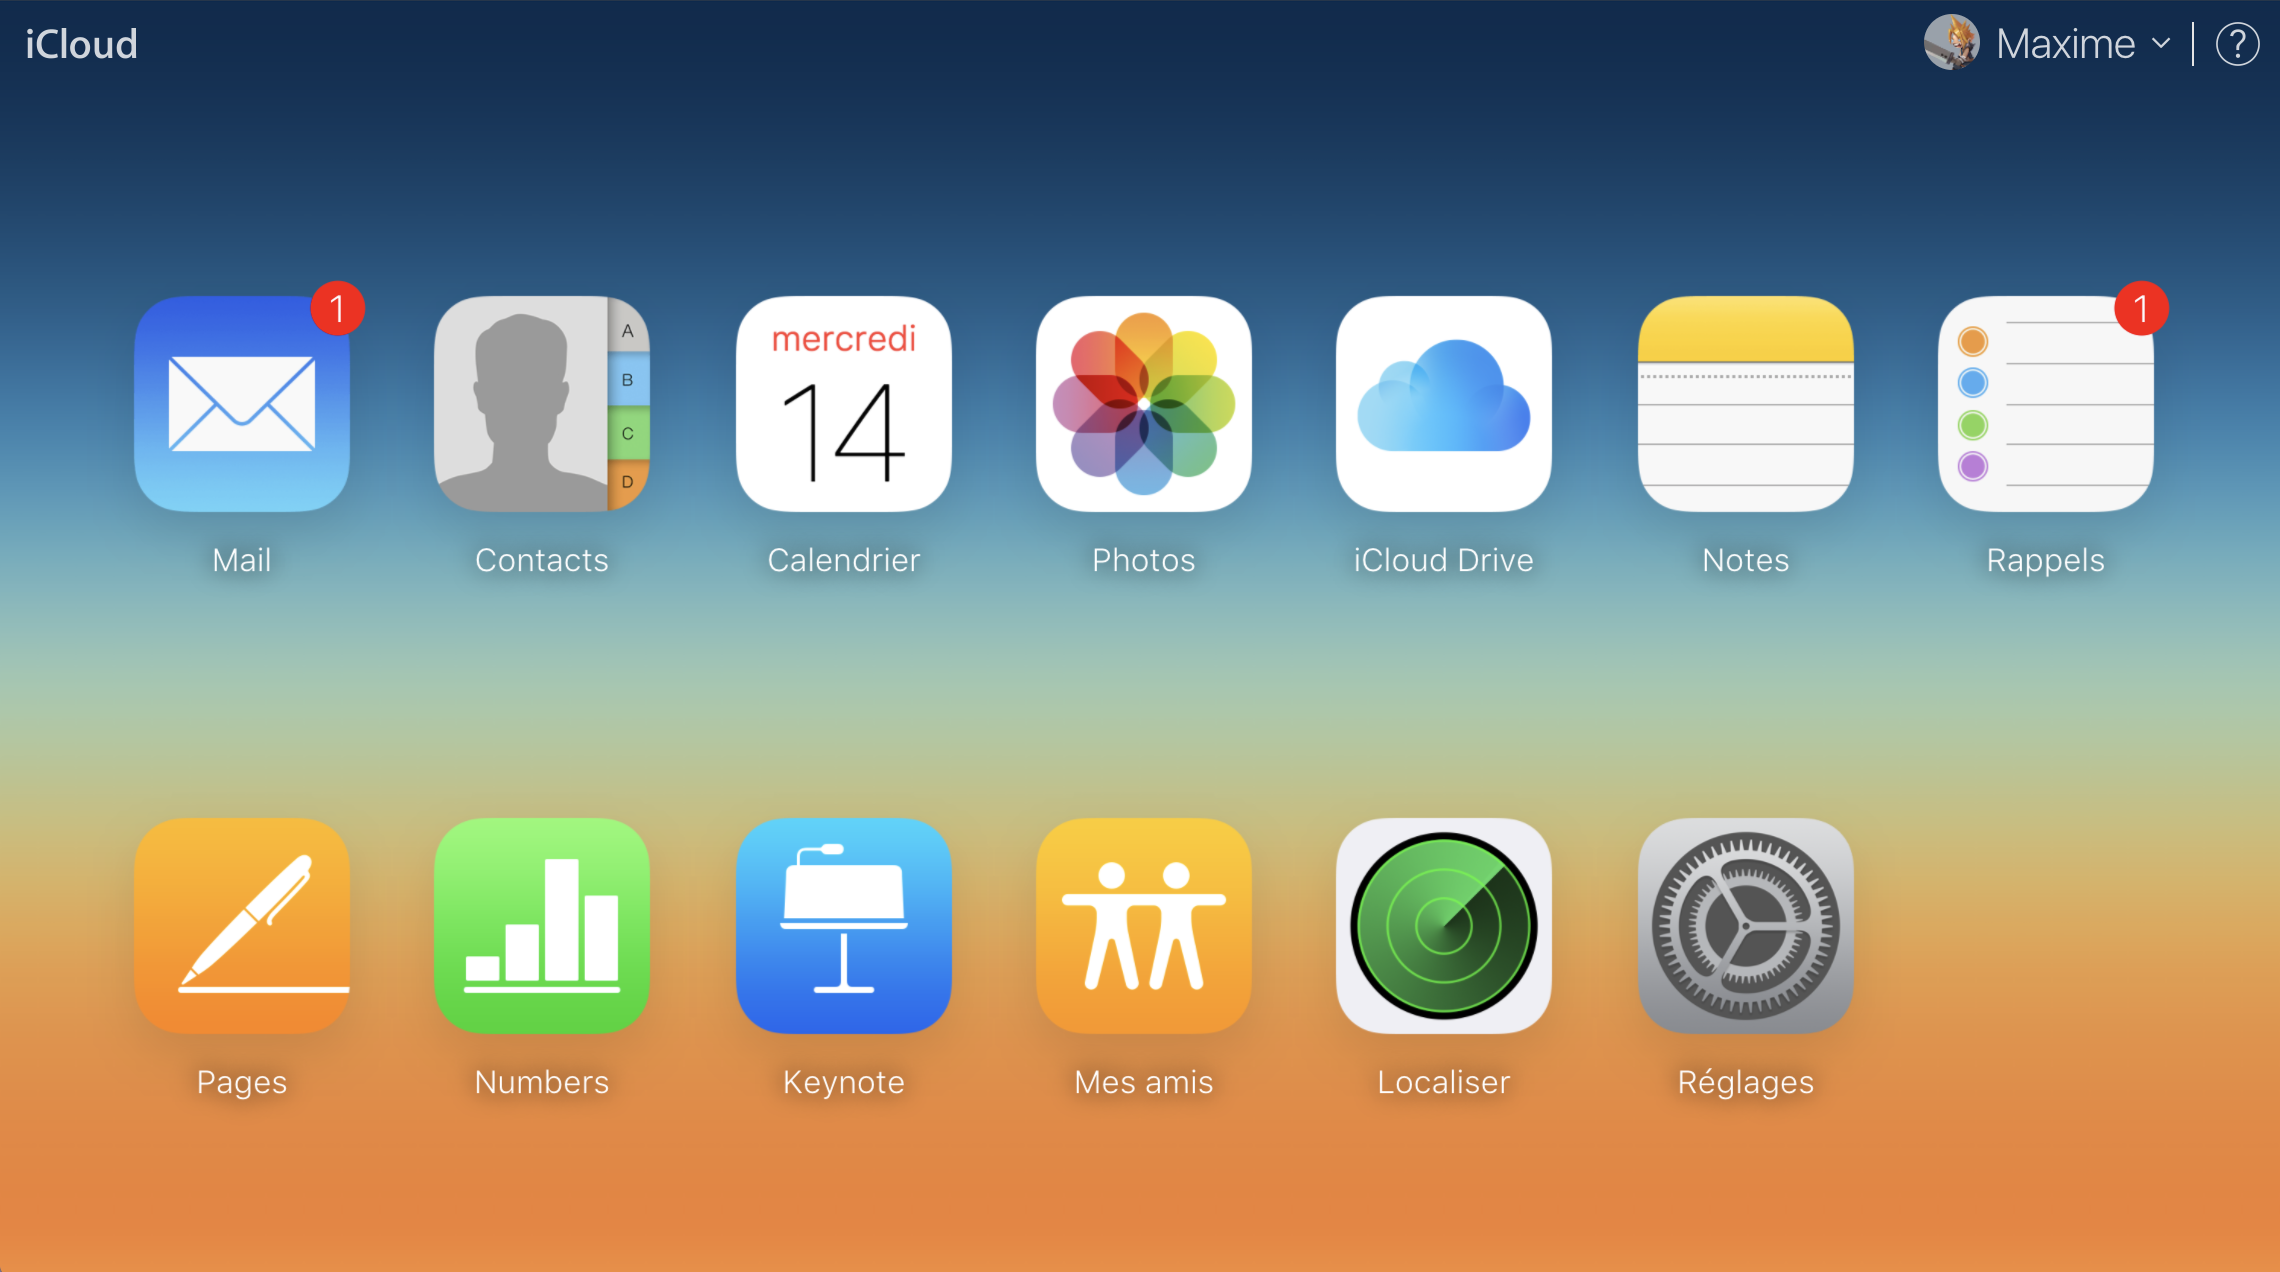 Accéder à iCloud depuis votre navigateur